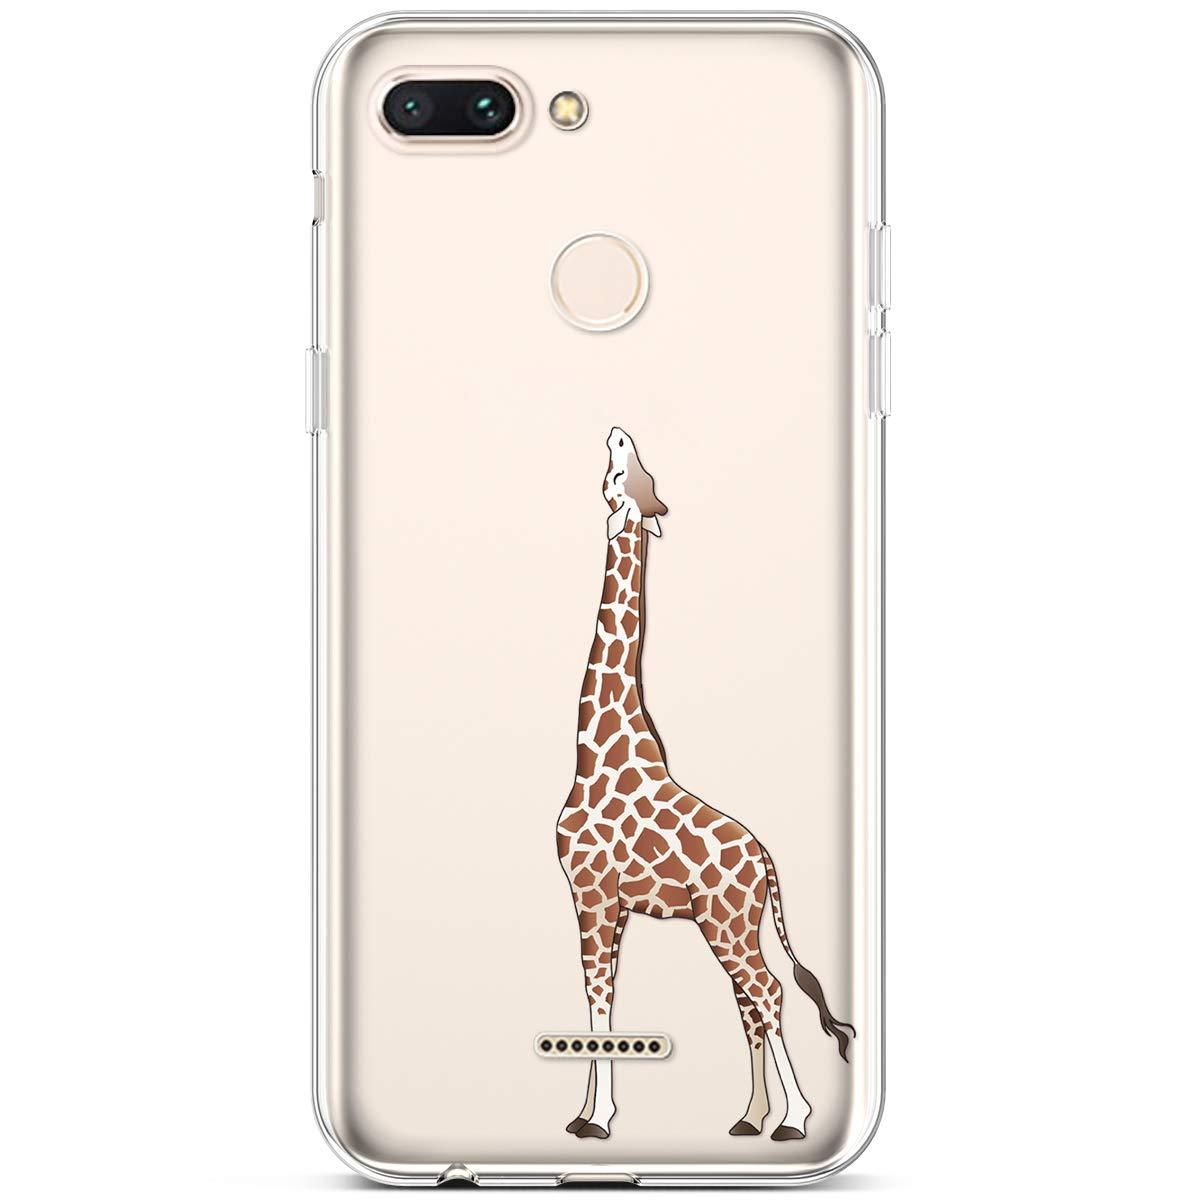 JAWSEU Custodia Xiaomi Redmi 6,Cover Xiaomi Redmi 6 Silicone TPU Trasparente,Bella Creativo Cristallo Chiaro Ultra Sottile Flessibile Morbida Soft Gel Bumper Coperture Protettiva Cover,#9